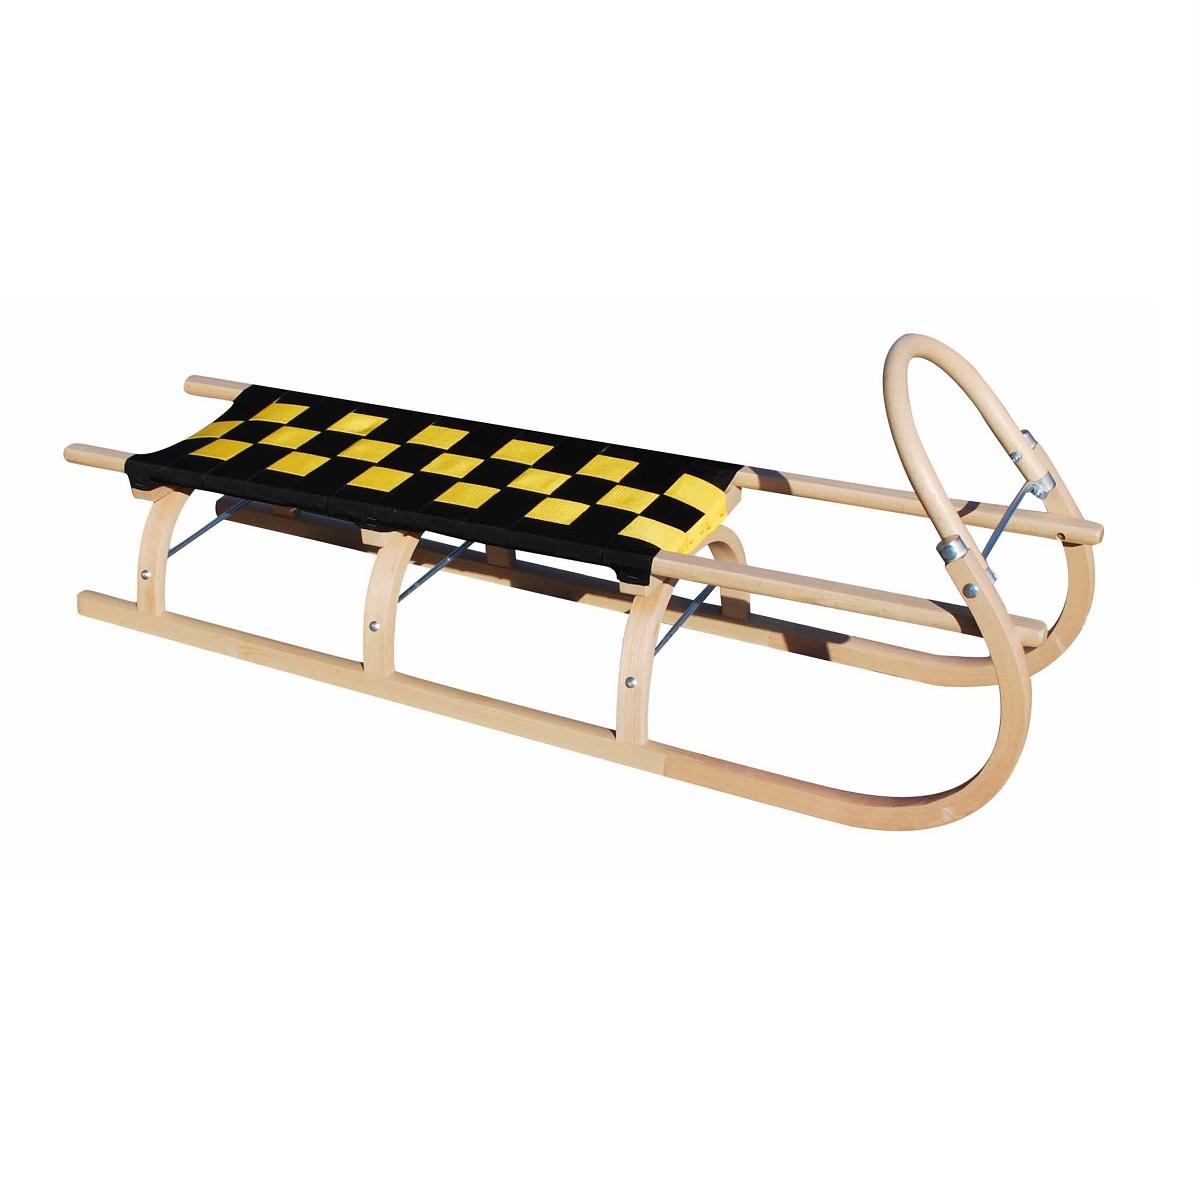 Sáně dřevěné SULOV 67 délka 125 cm - černo-žluté